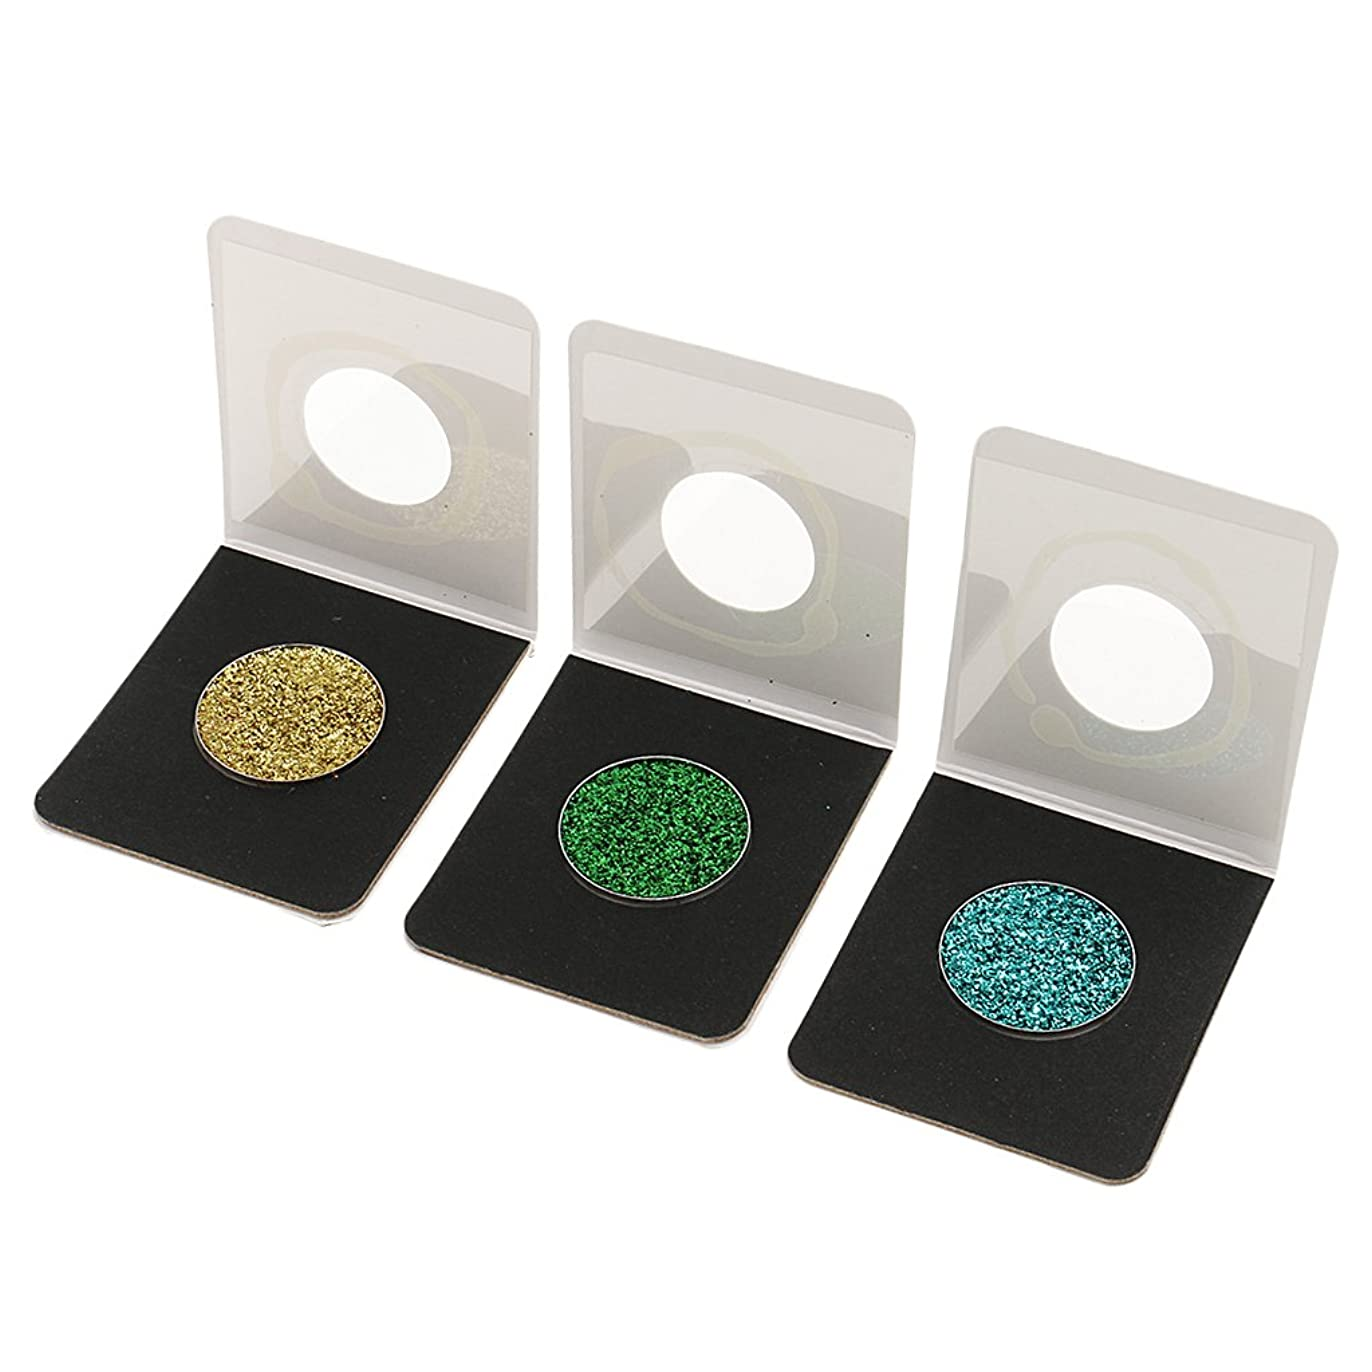 リマ受ける印象Kesoto 3色セット キラキラ アイシャドウ ピグメント アイシャドー ダイヤモンド シマー ルーズパウダー ピグメントパレット 全6仕様選べる - 13-15